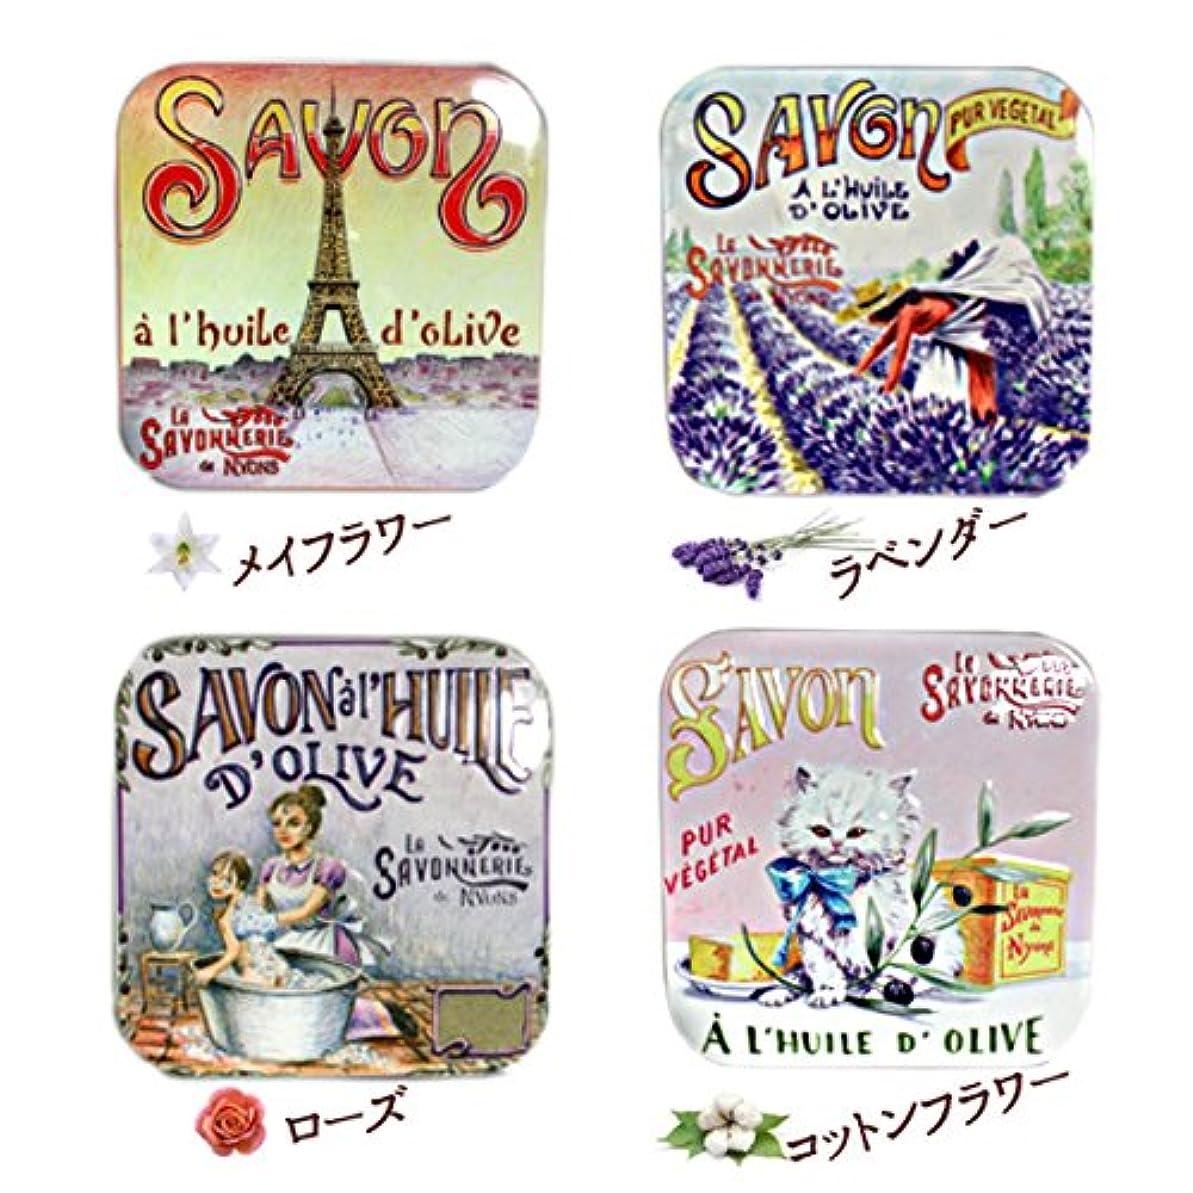 手を差し伸べる一貫性のない熟読するラサボネリー アンティーク缶入り石鹸 タイプ100 95g (ローズ)